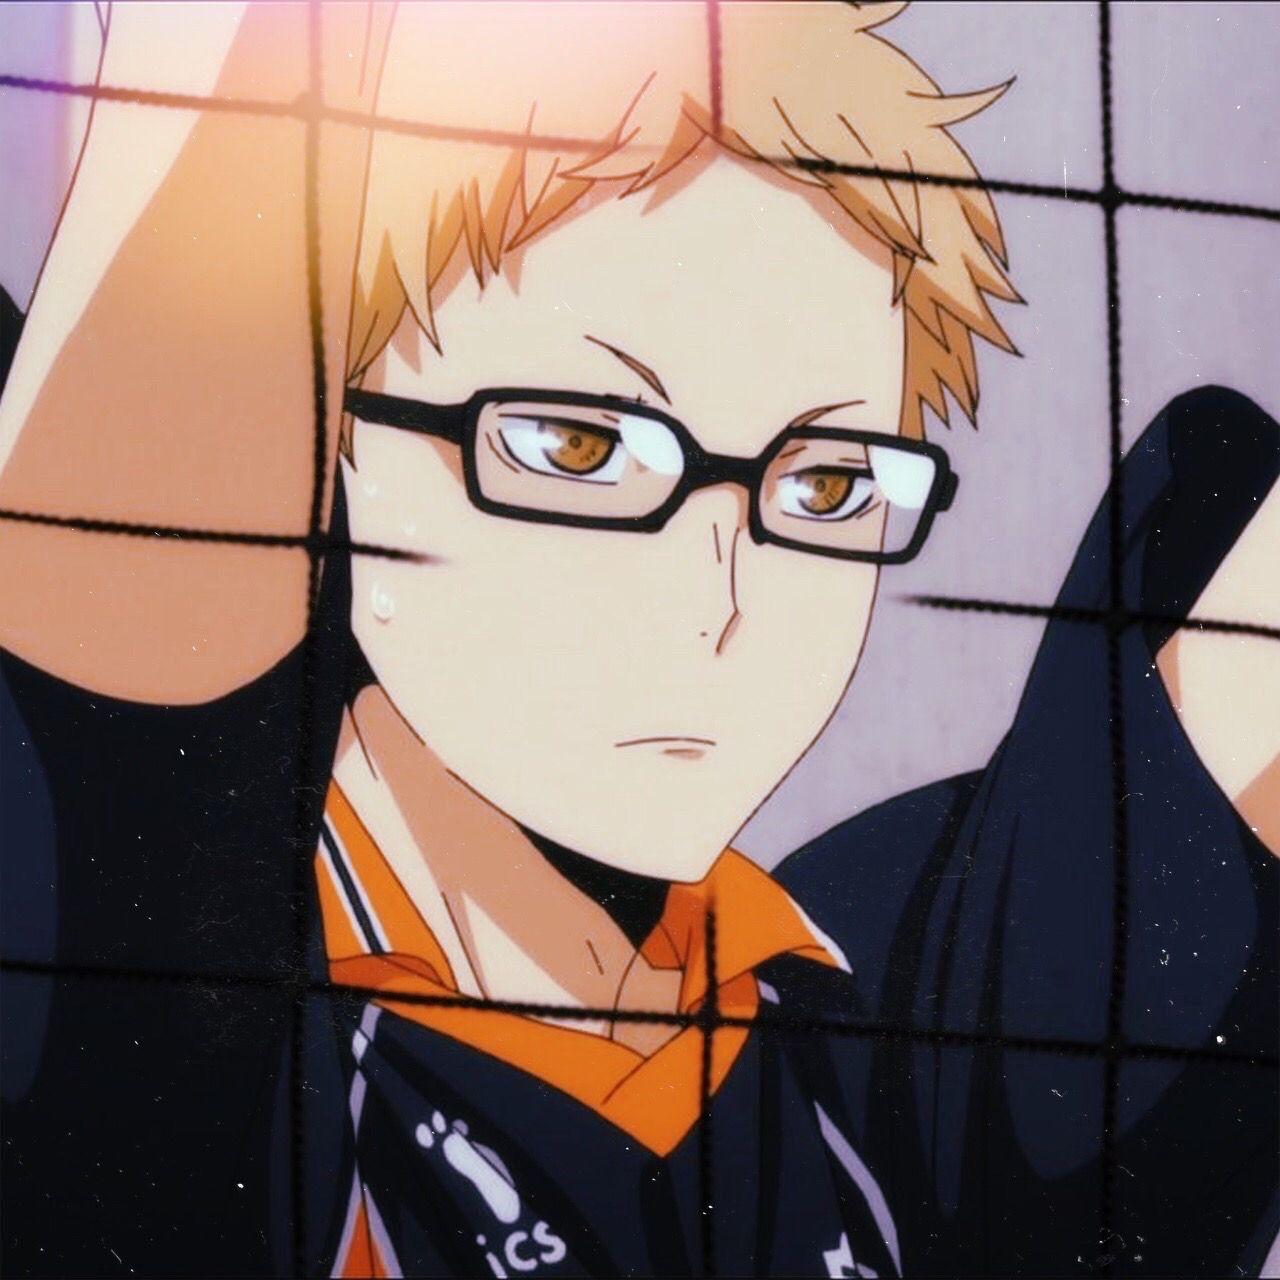 Аниме волейбол Цукишима, картинки 18